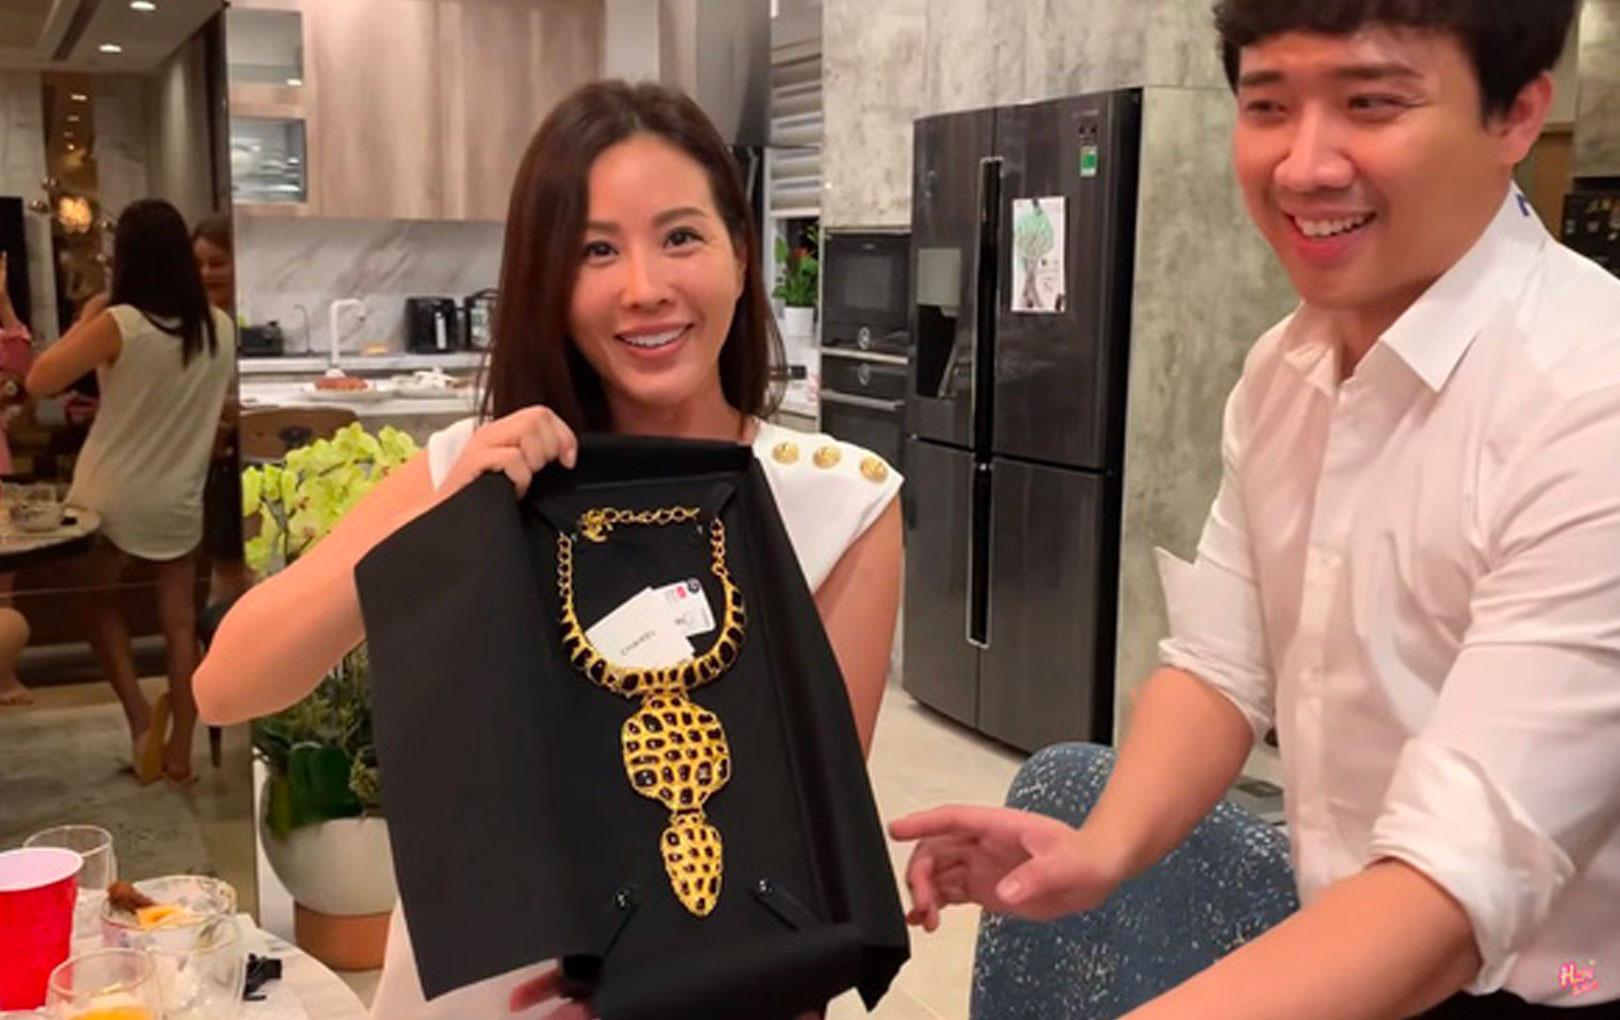 Sinh nhật hoa hậu Thu Hoài được Trấn Thành tặng vòng cổ 73 triệu nhưng thái độ Hari Won mới gây chú ý